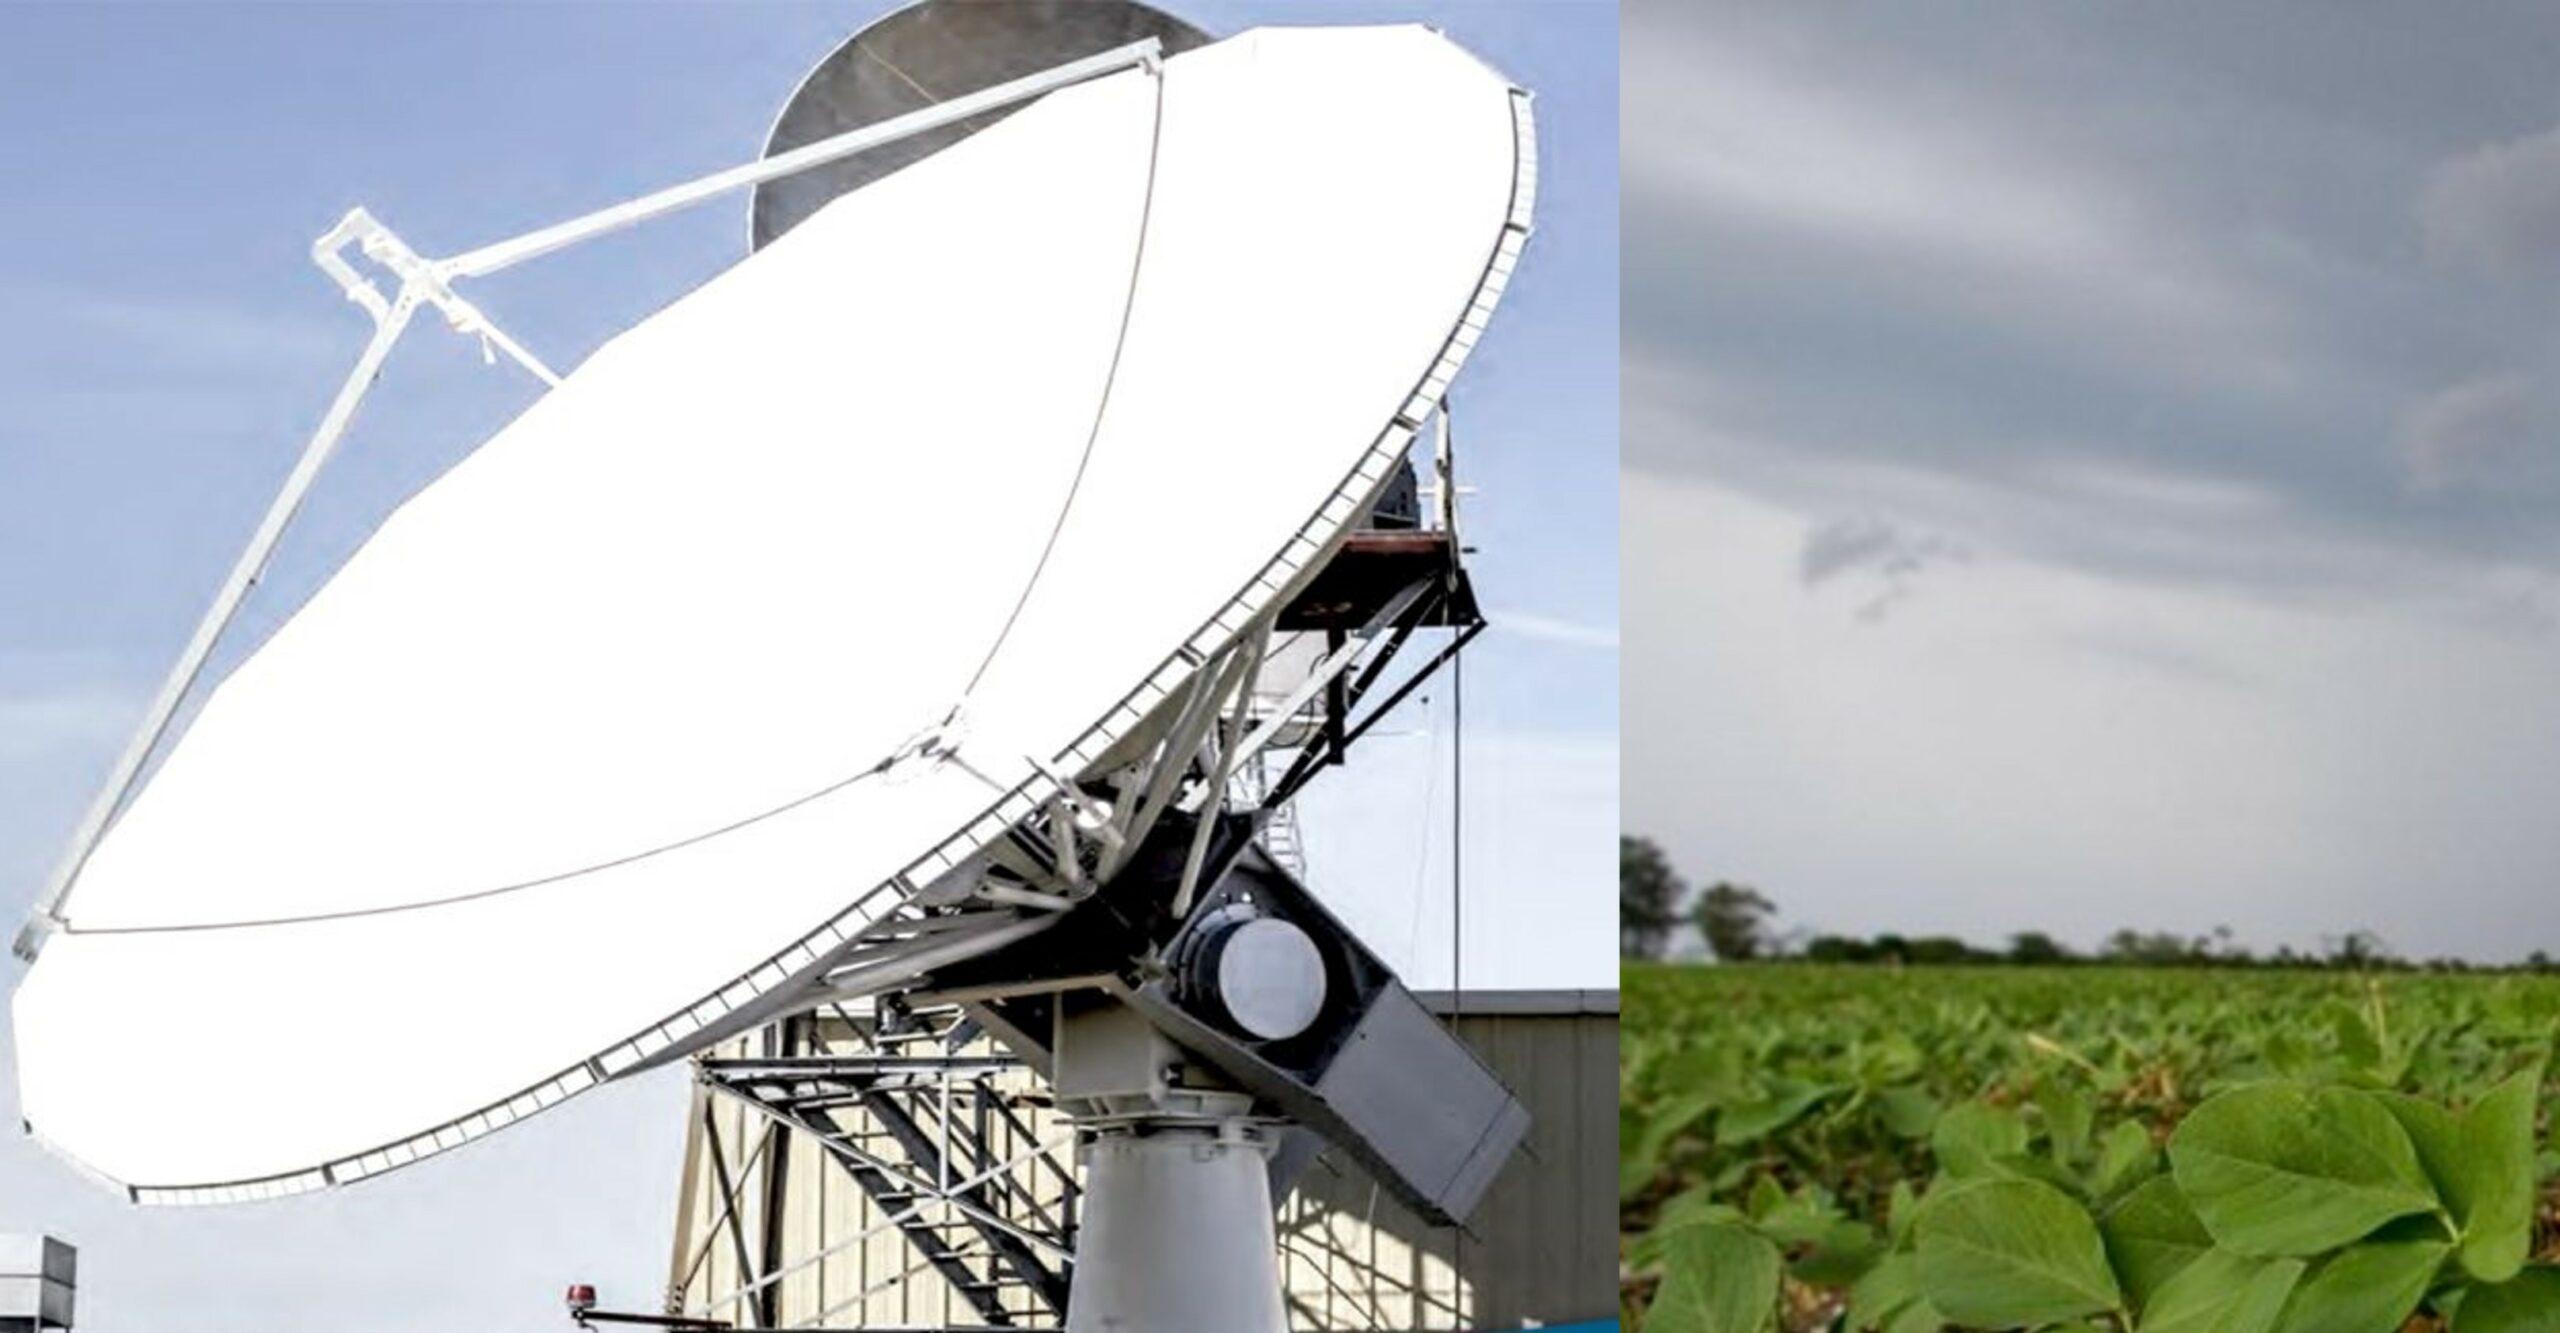 Edital para empresas com interesse em realizar serviço metereológico em Mato Grosso foi aberto